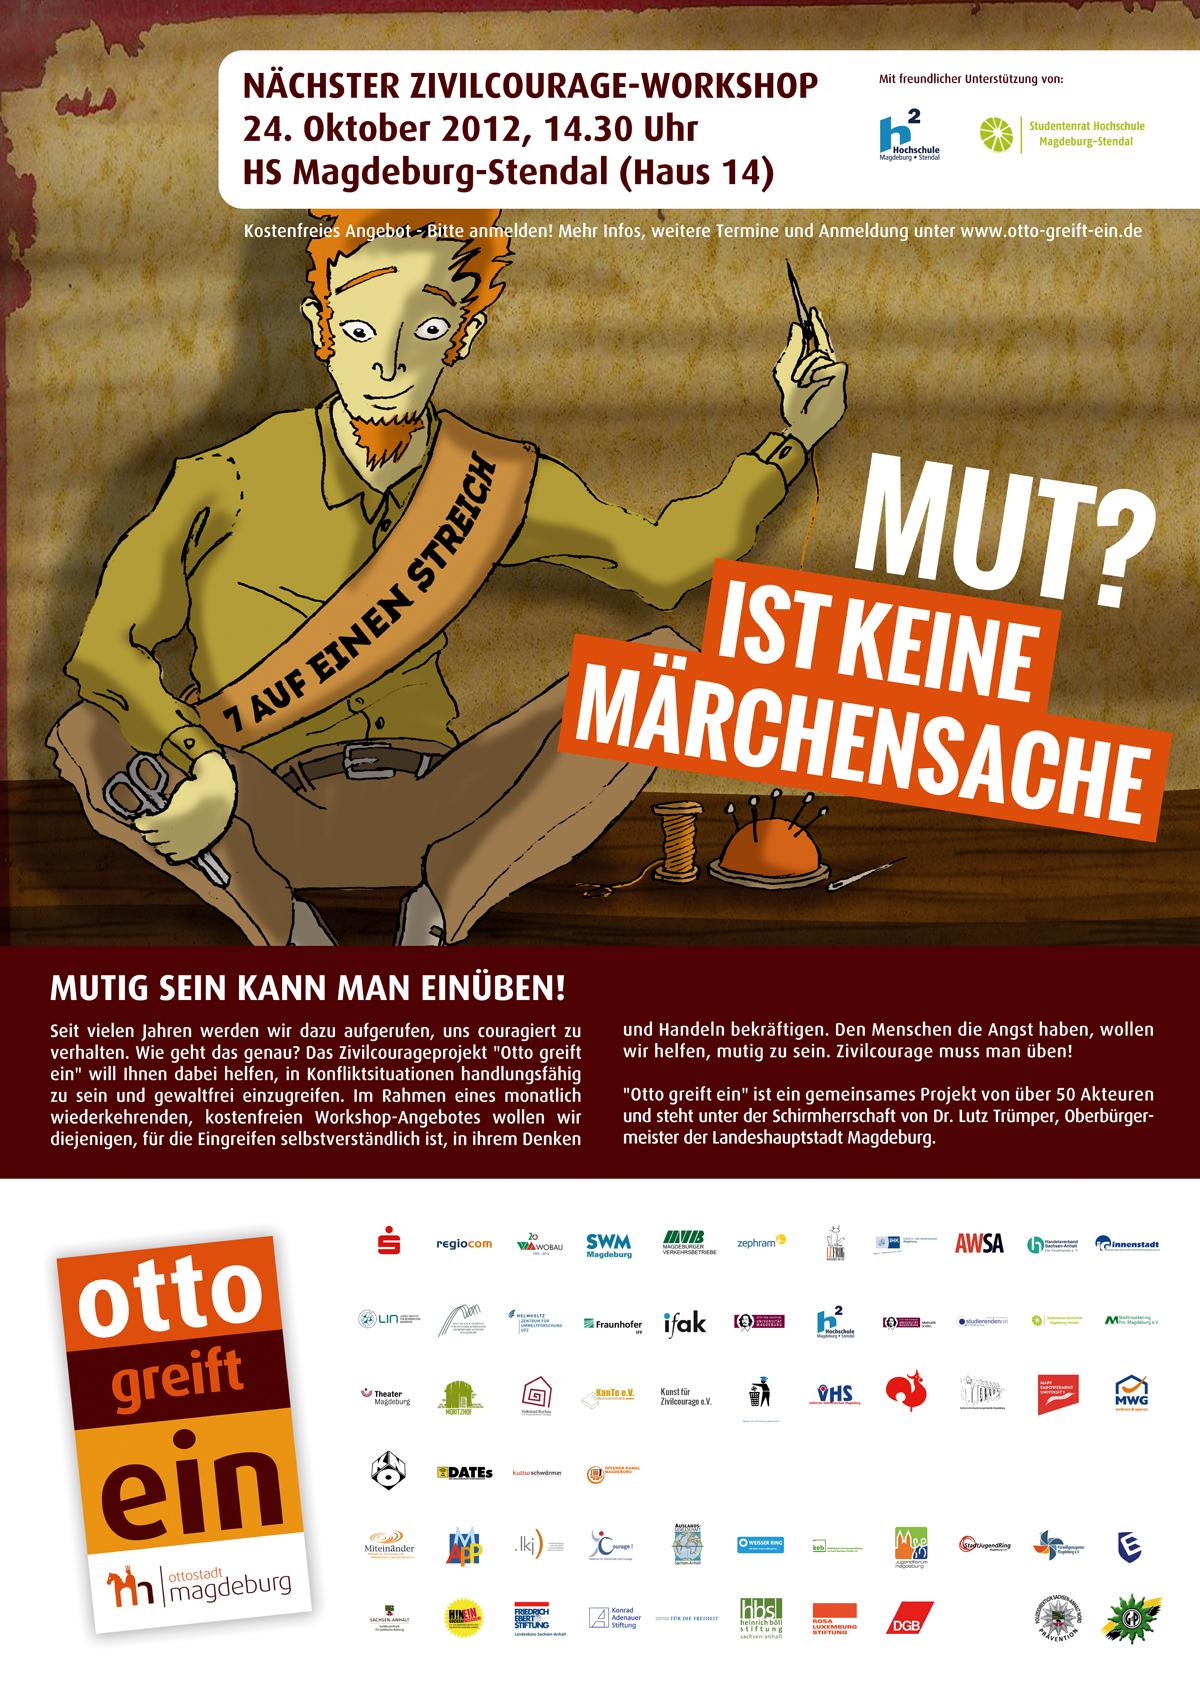 otto-greift-ein_plakat-OKTOBER